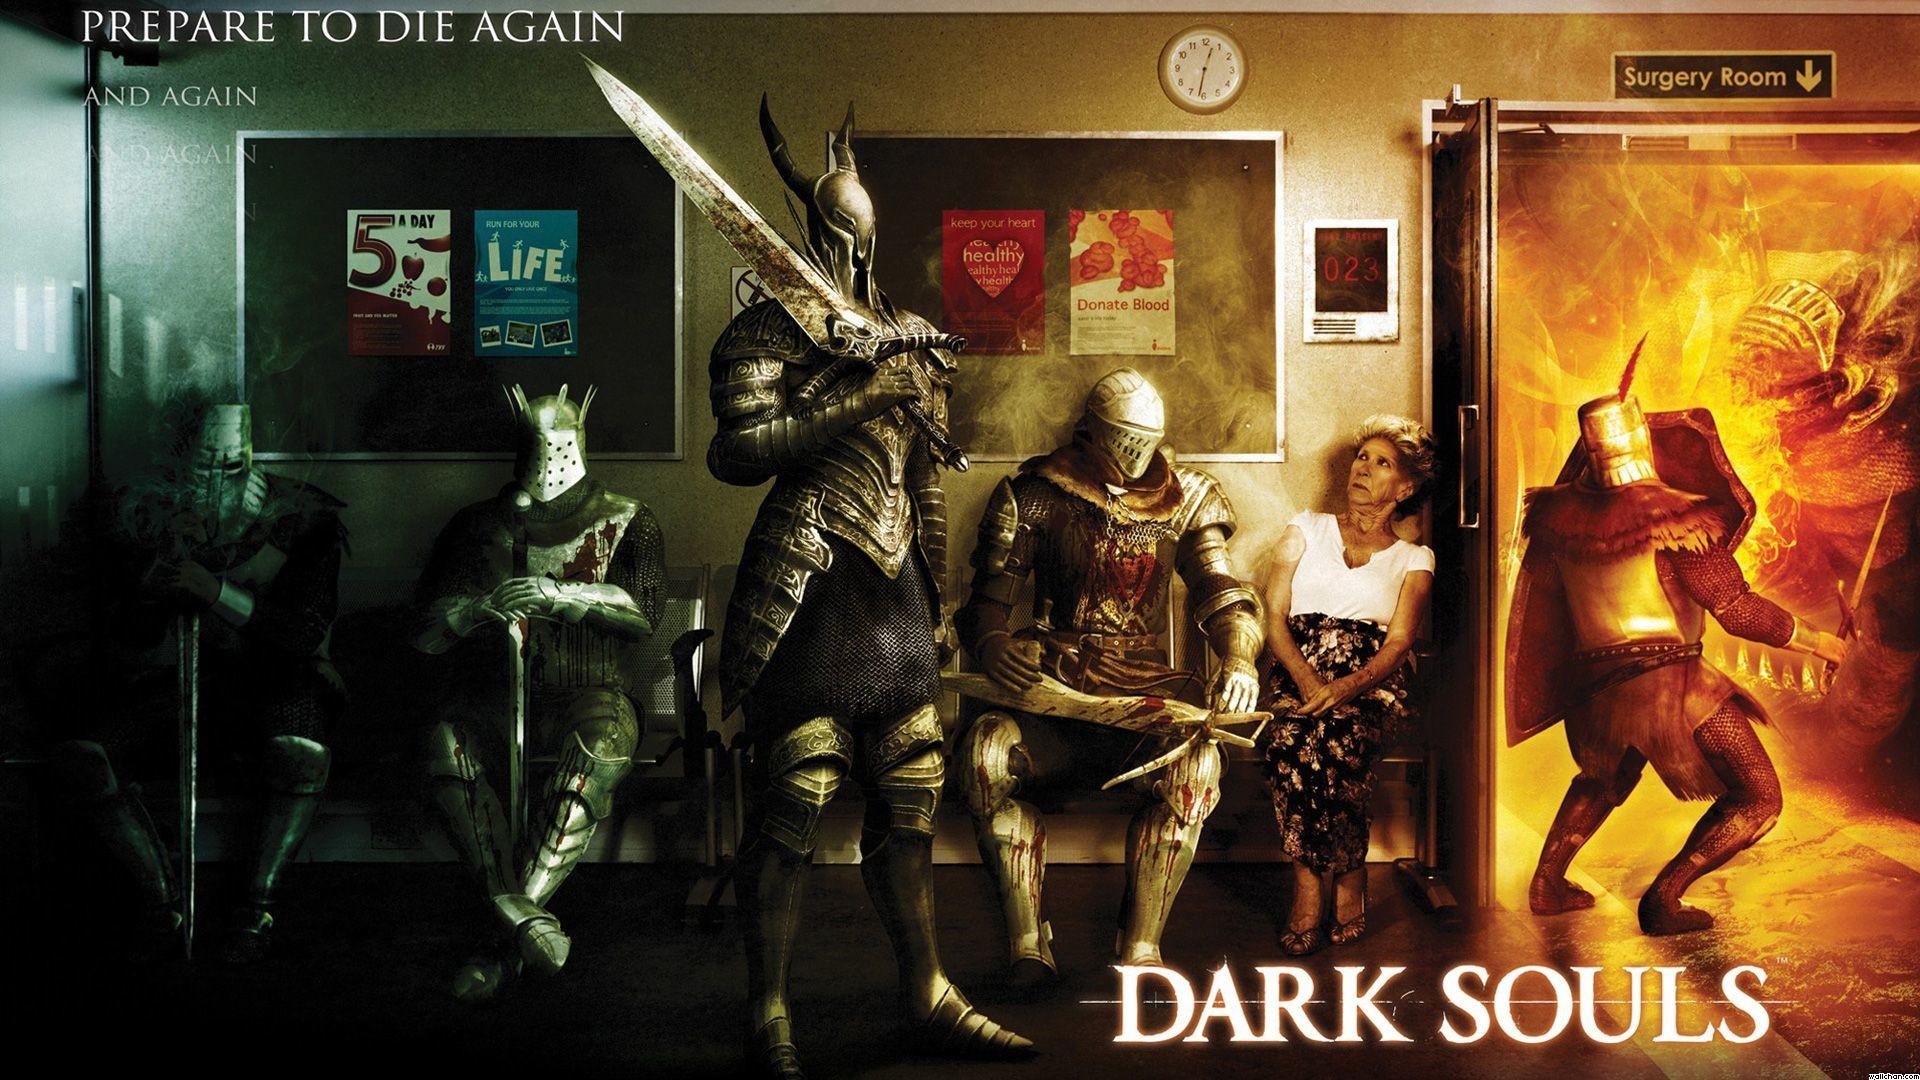 My favorite Dark Souls wallpaper.